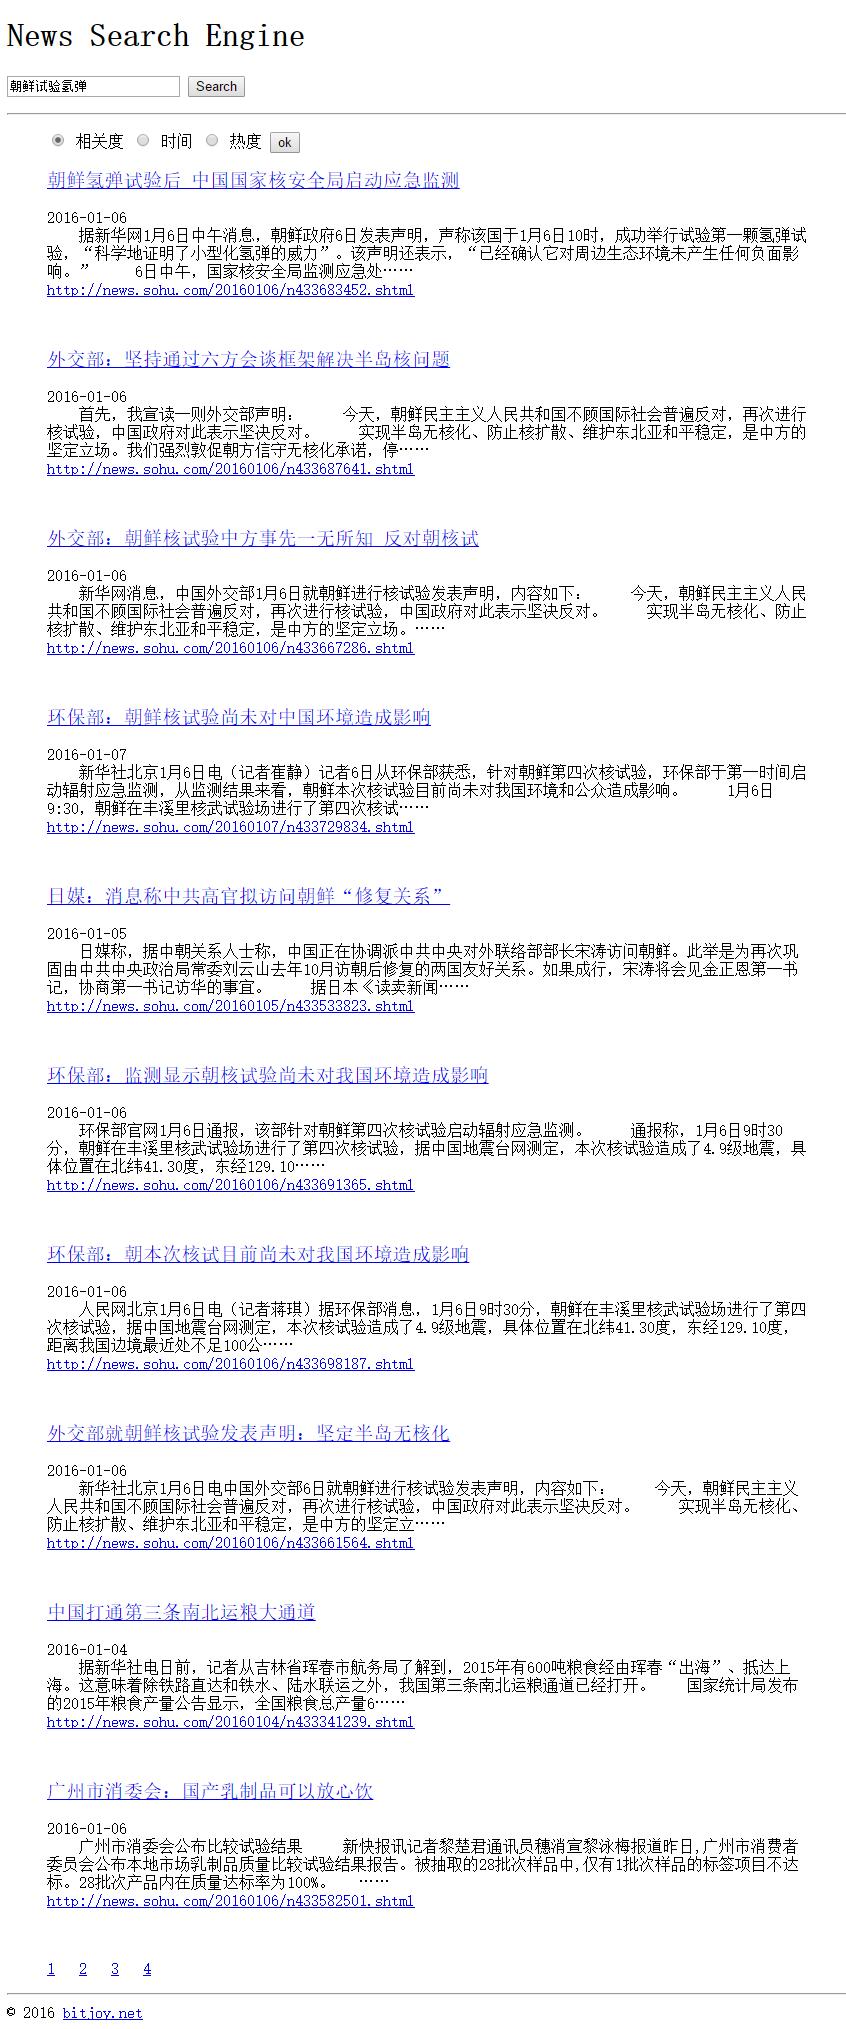 图1. 搜索页面